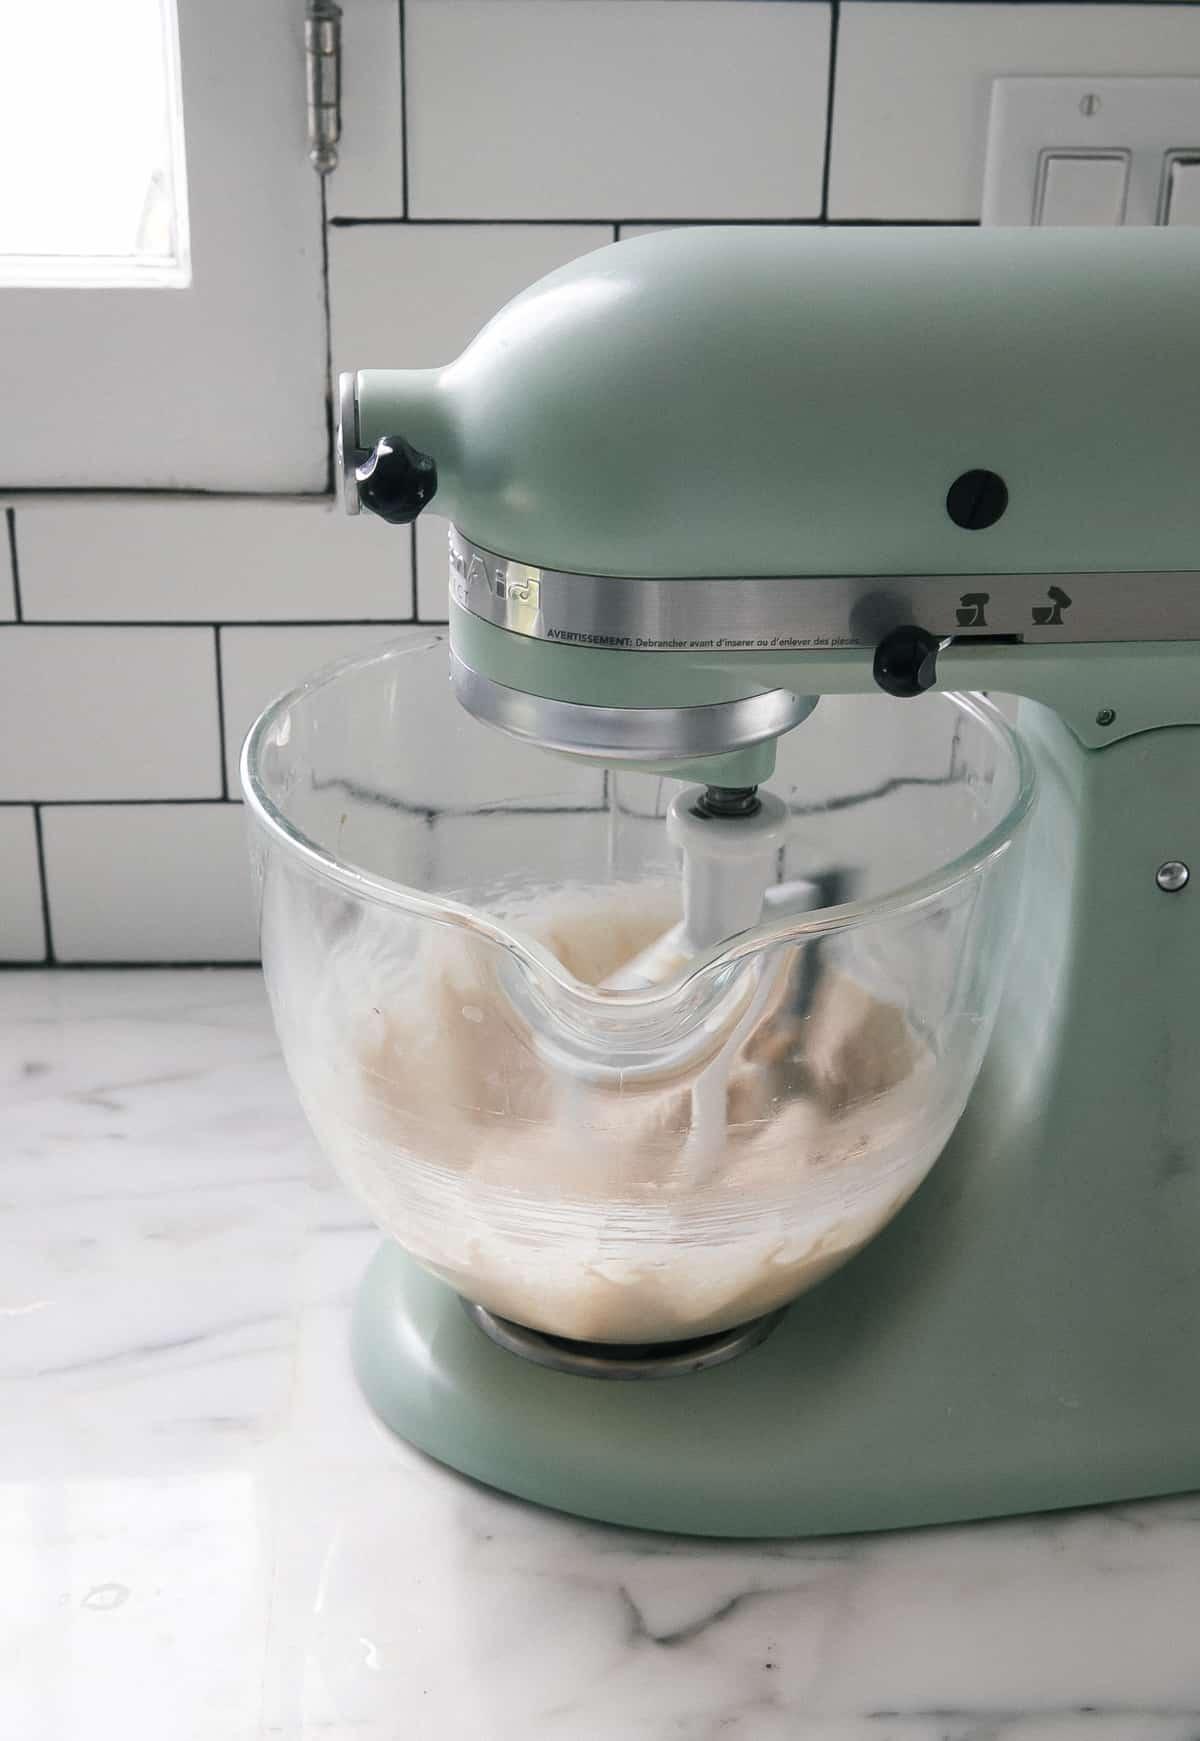 KitchenAid of frosting